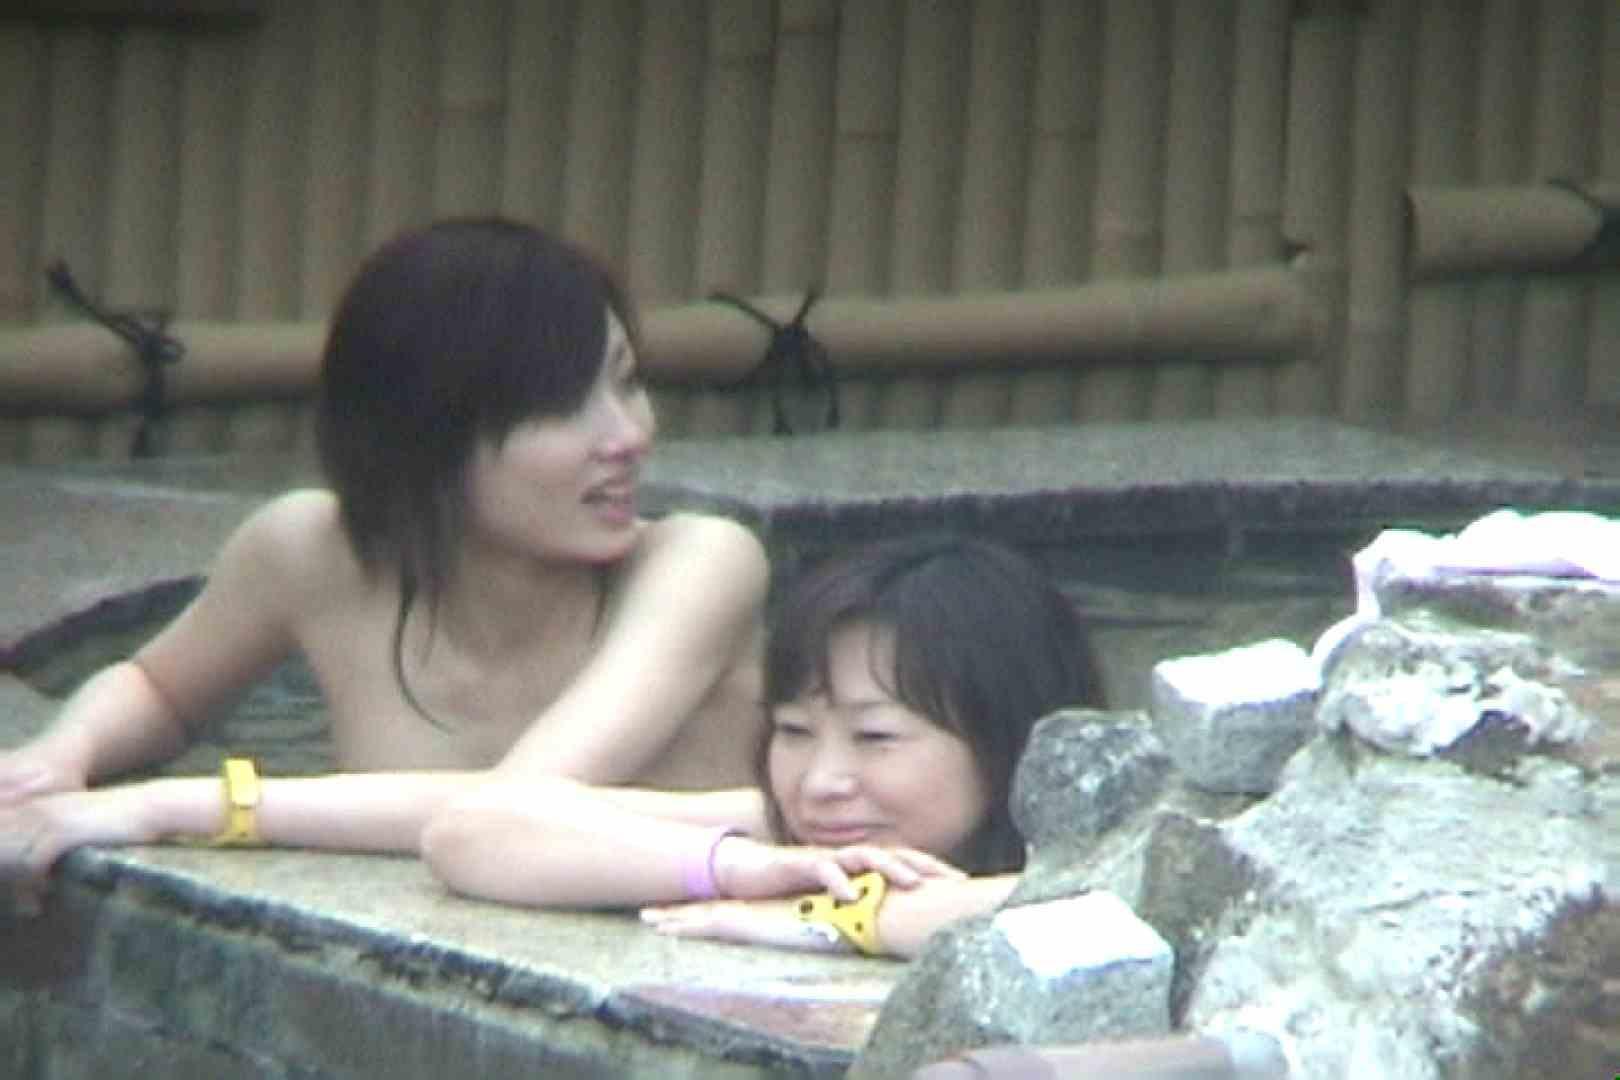 Aquaな露天風呂Vol.58【VIP限定】 盗撮  89画像 51